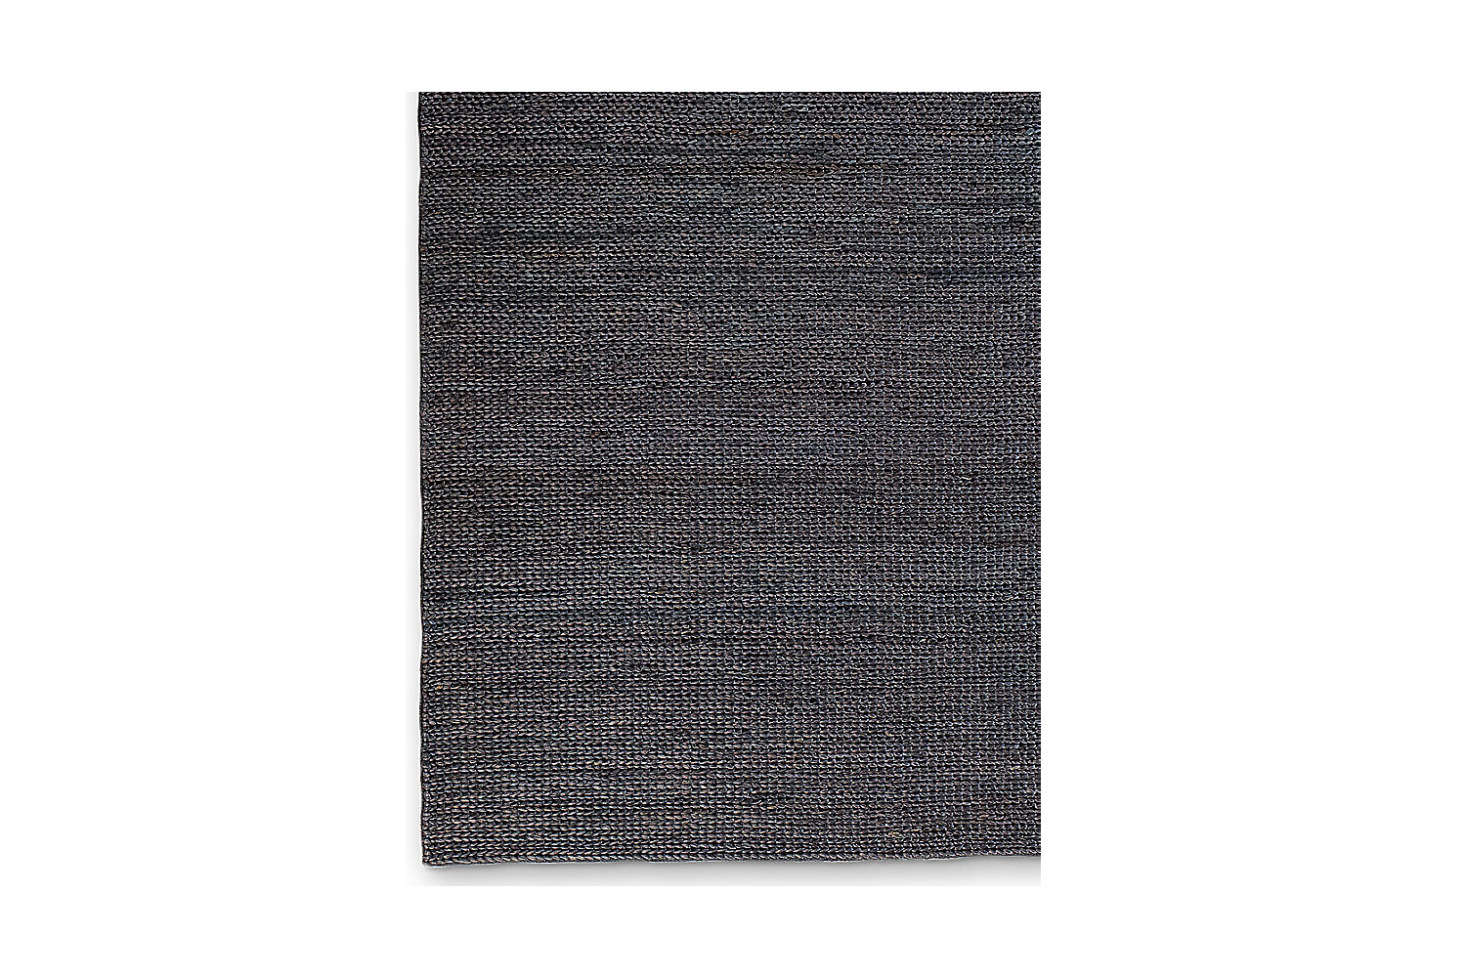 For a similar jute rug, Restoration Hardware&#8